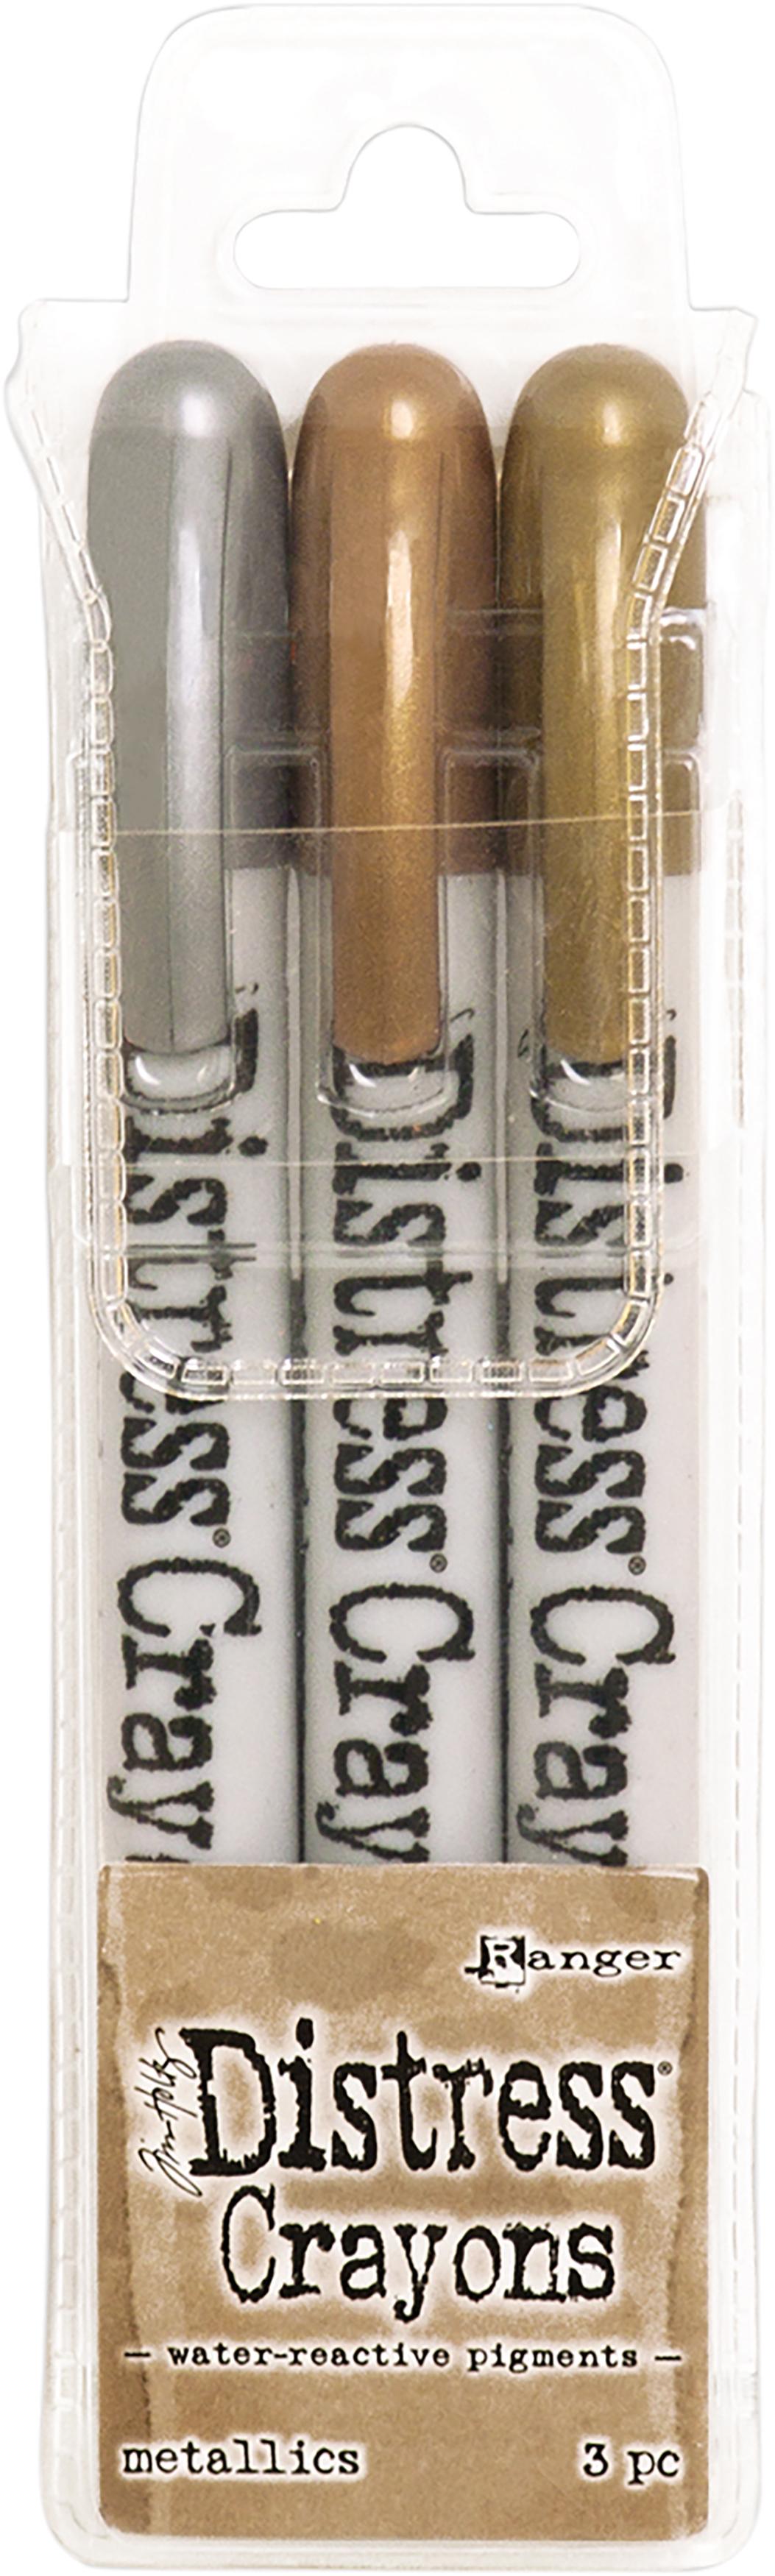 Distress Crayons Metallics